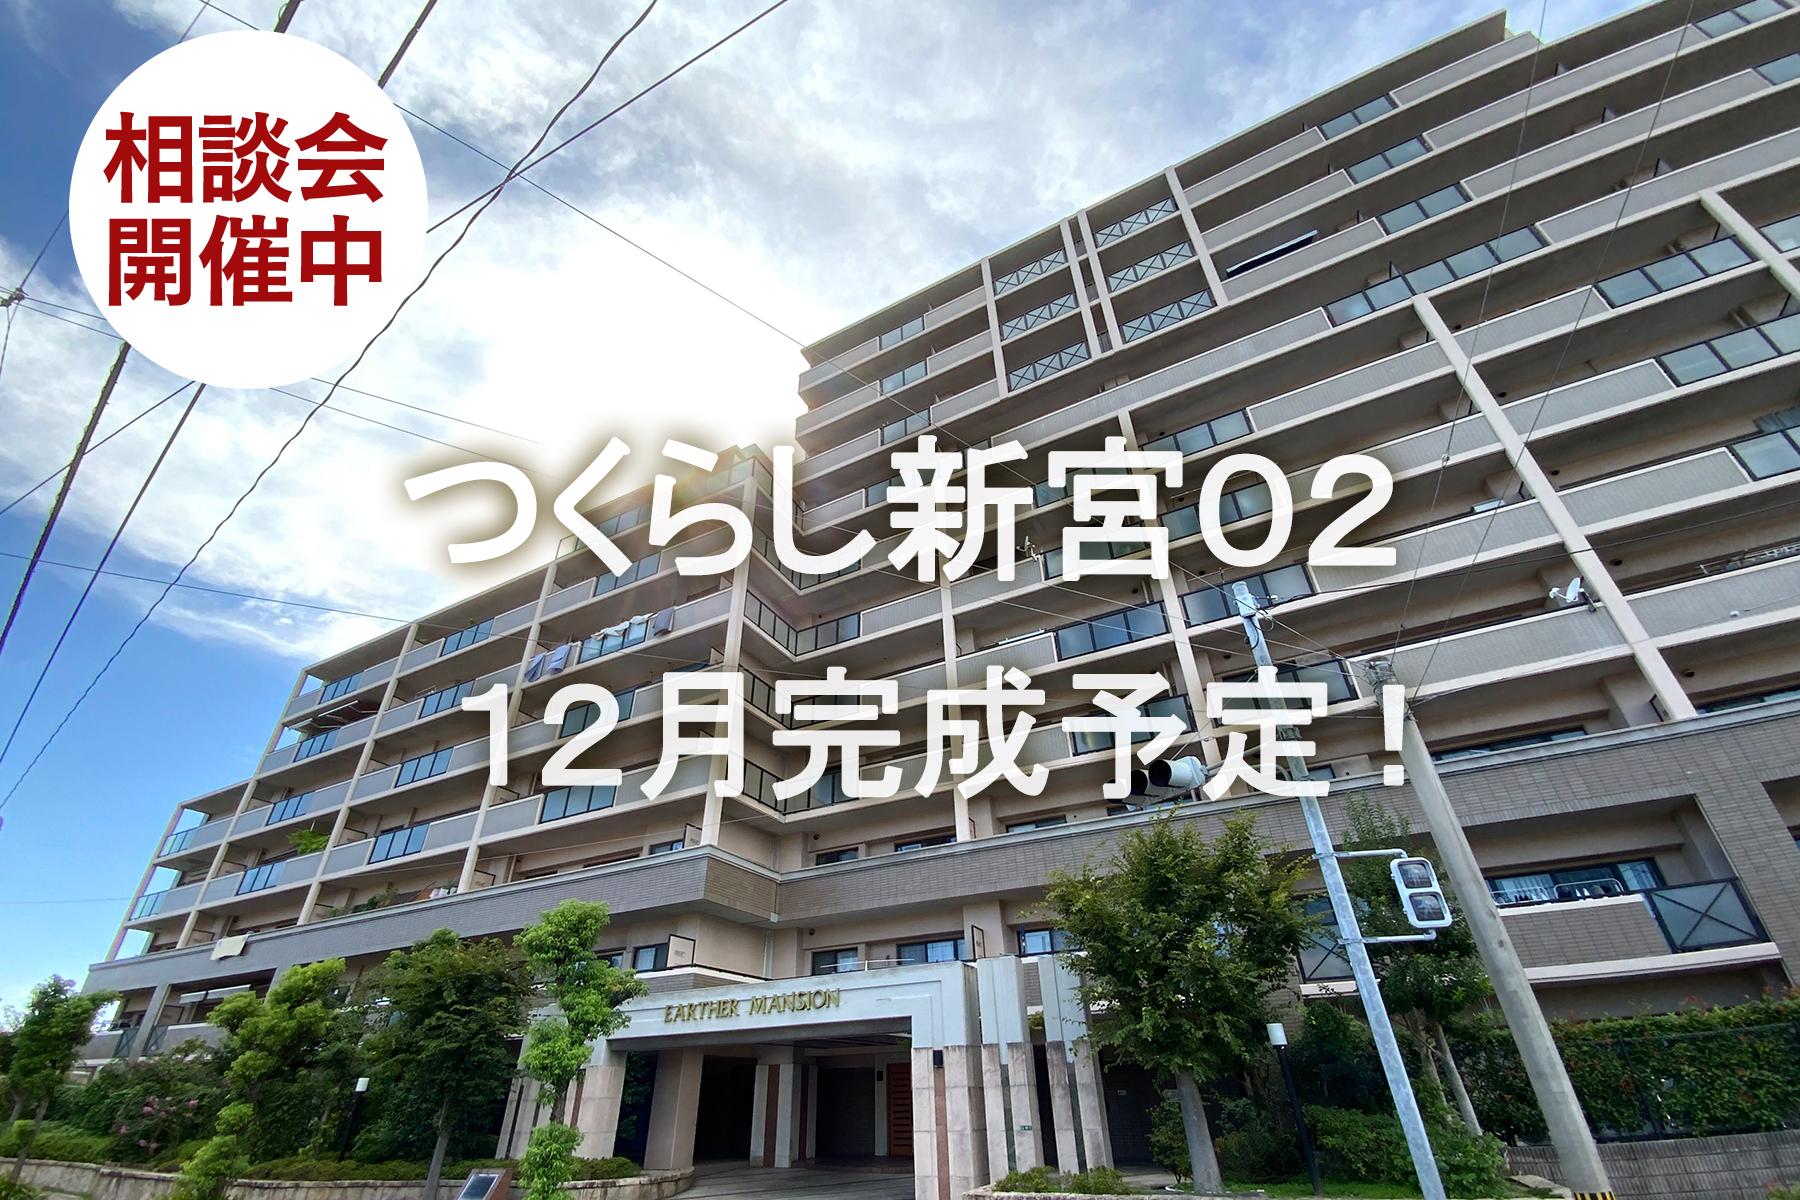 つくらし新宮02